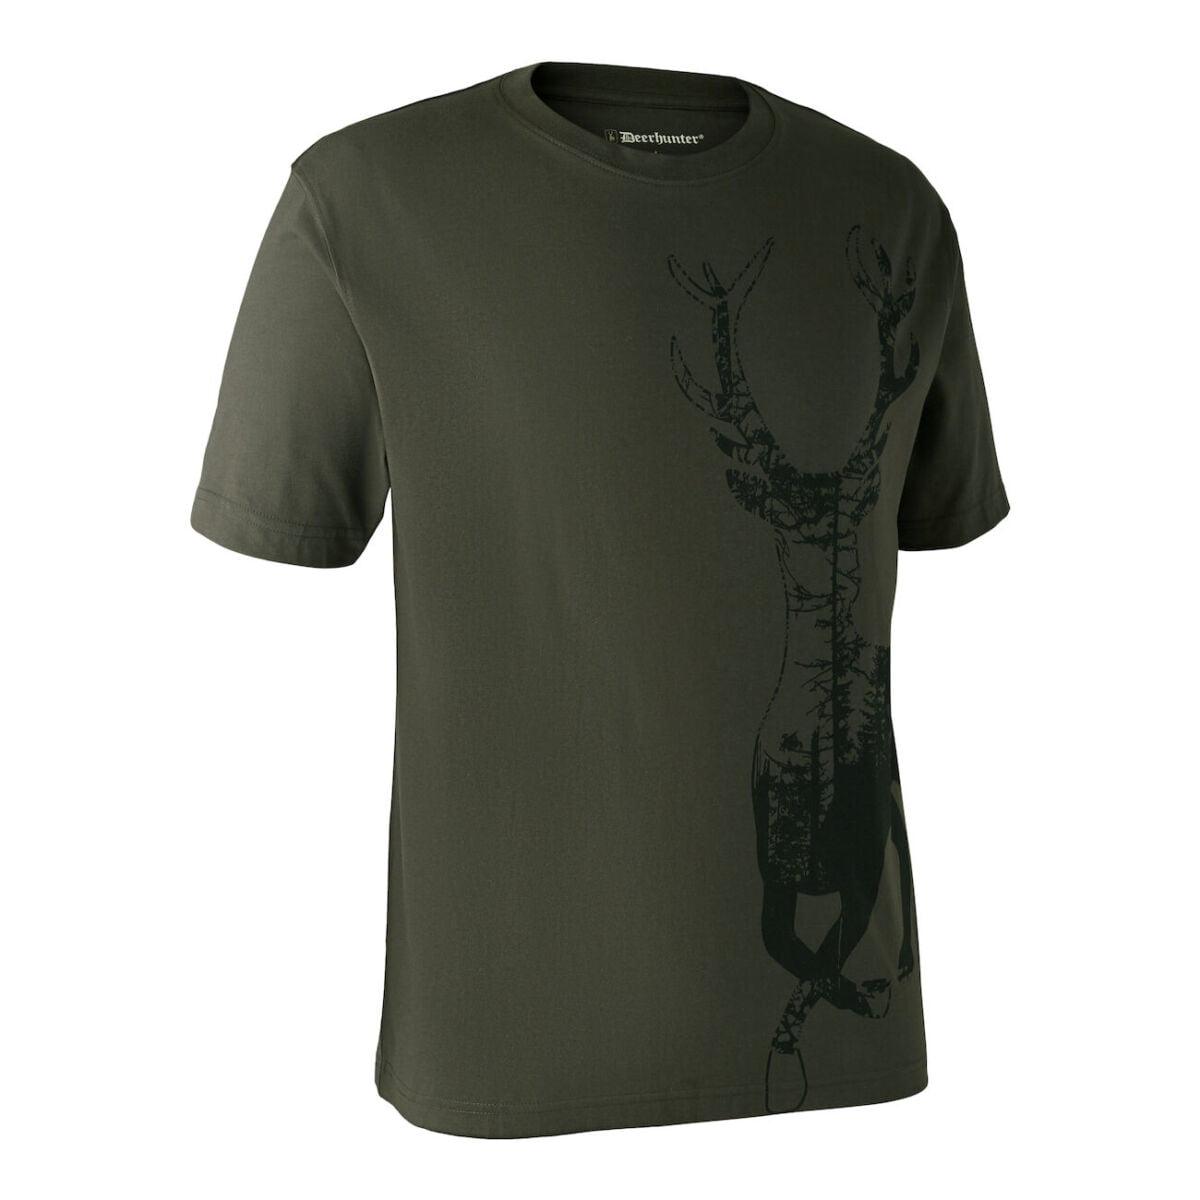 Футболка Deerhunter с рисунком оленя